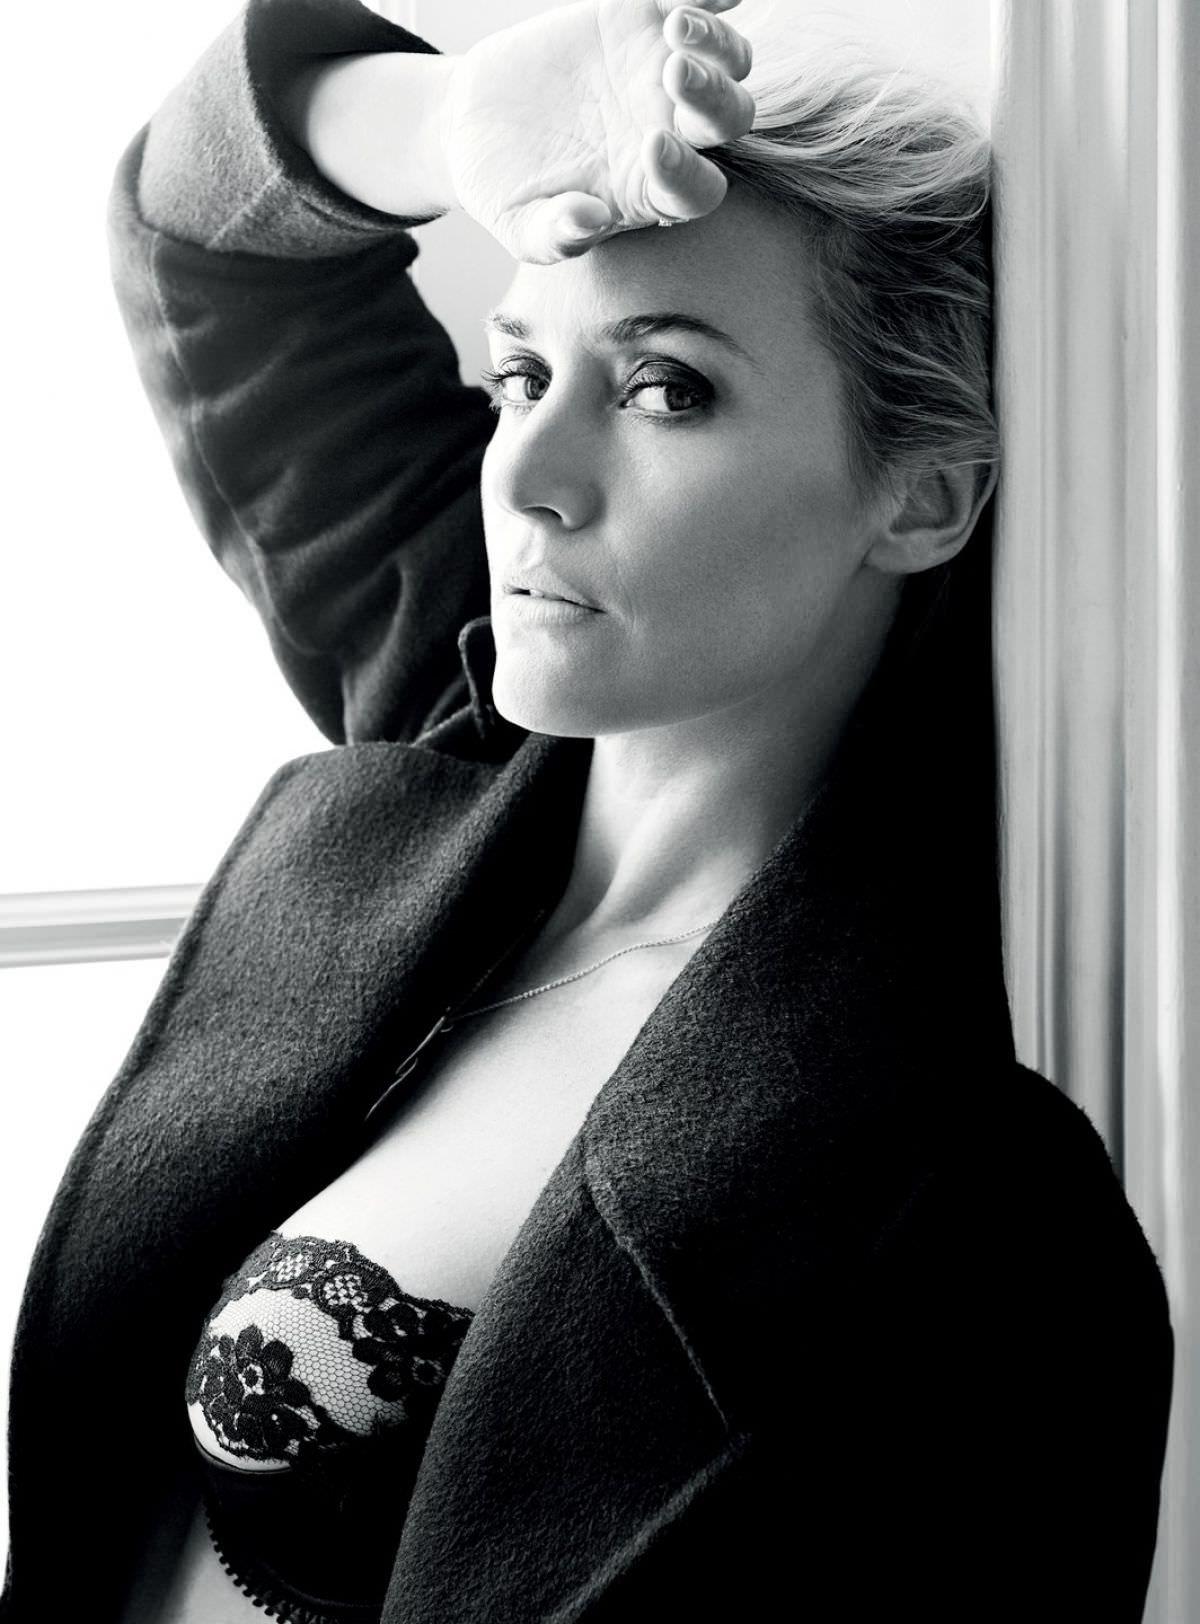 Kate winslet lingerie nudes (34 photos), Ass Celebrity pics